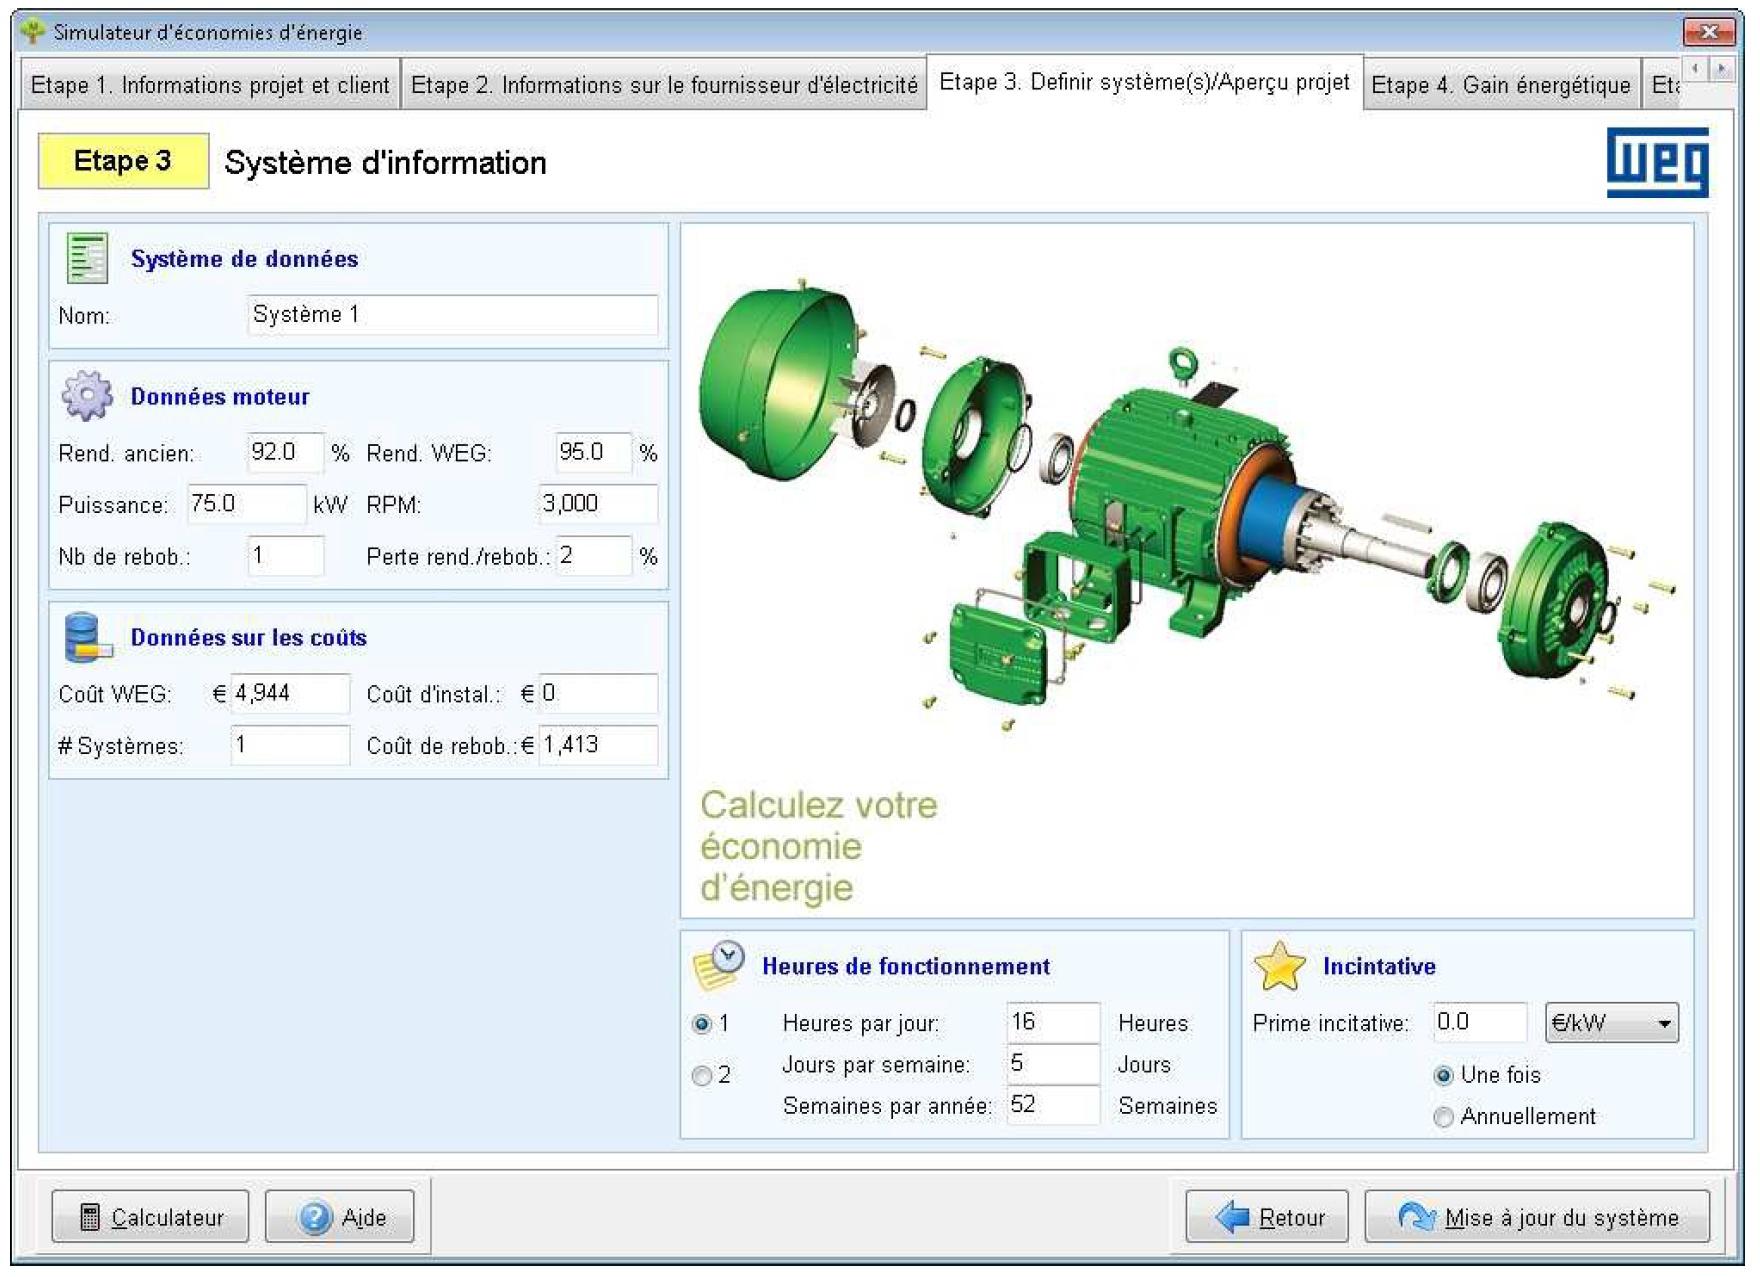 Simulateur d'économies d'énergie